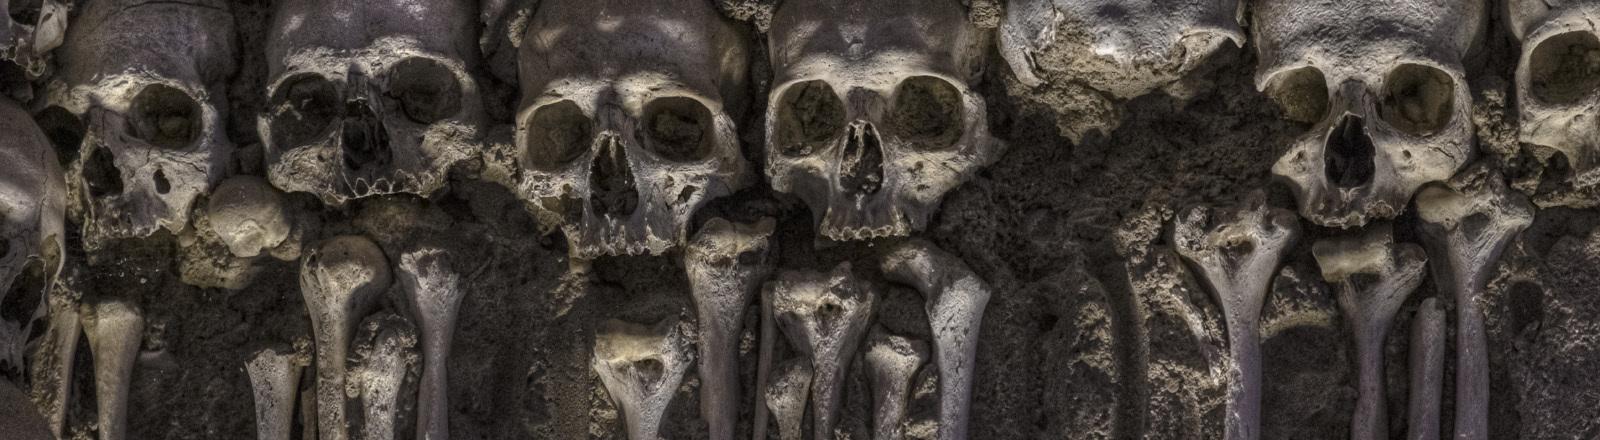 Aneinandergereihte Schädelknochen